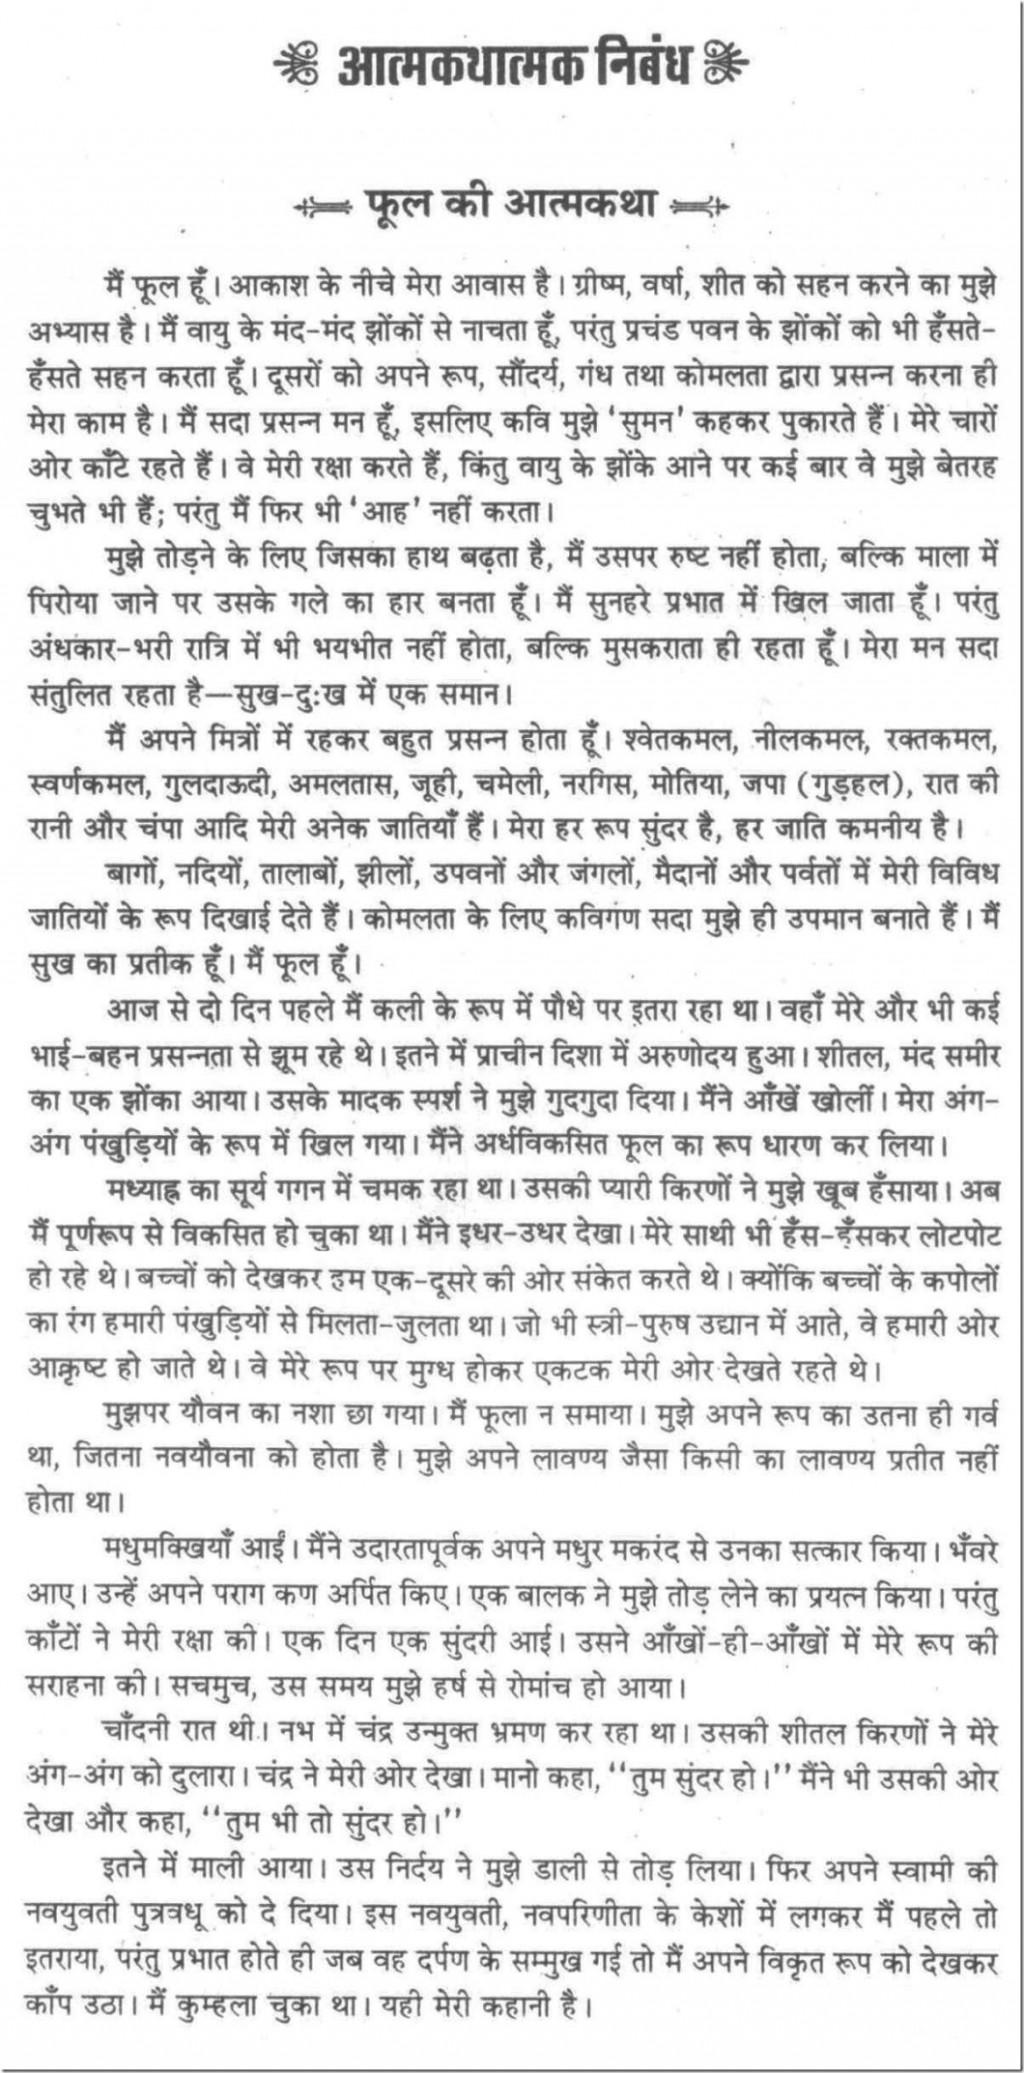 011 About Rose Flower Essay Example 100063 Thumbresize10602c2146 Unbelievable In Marathi Kannada Language Large